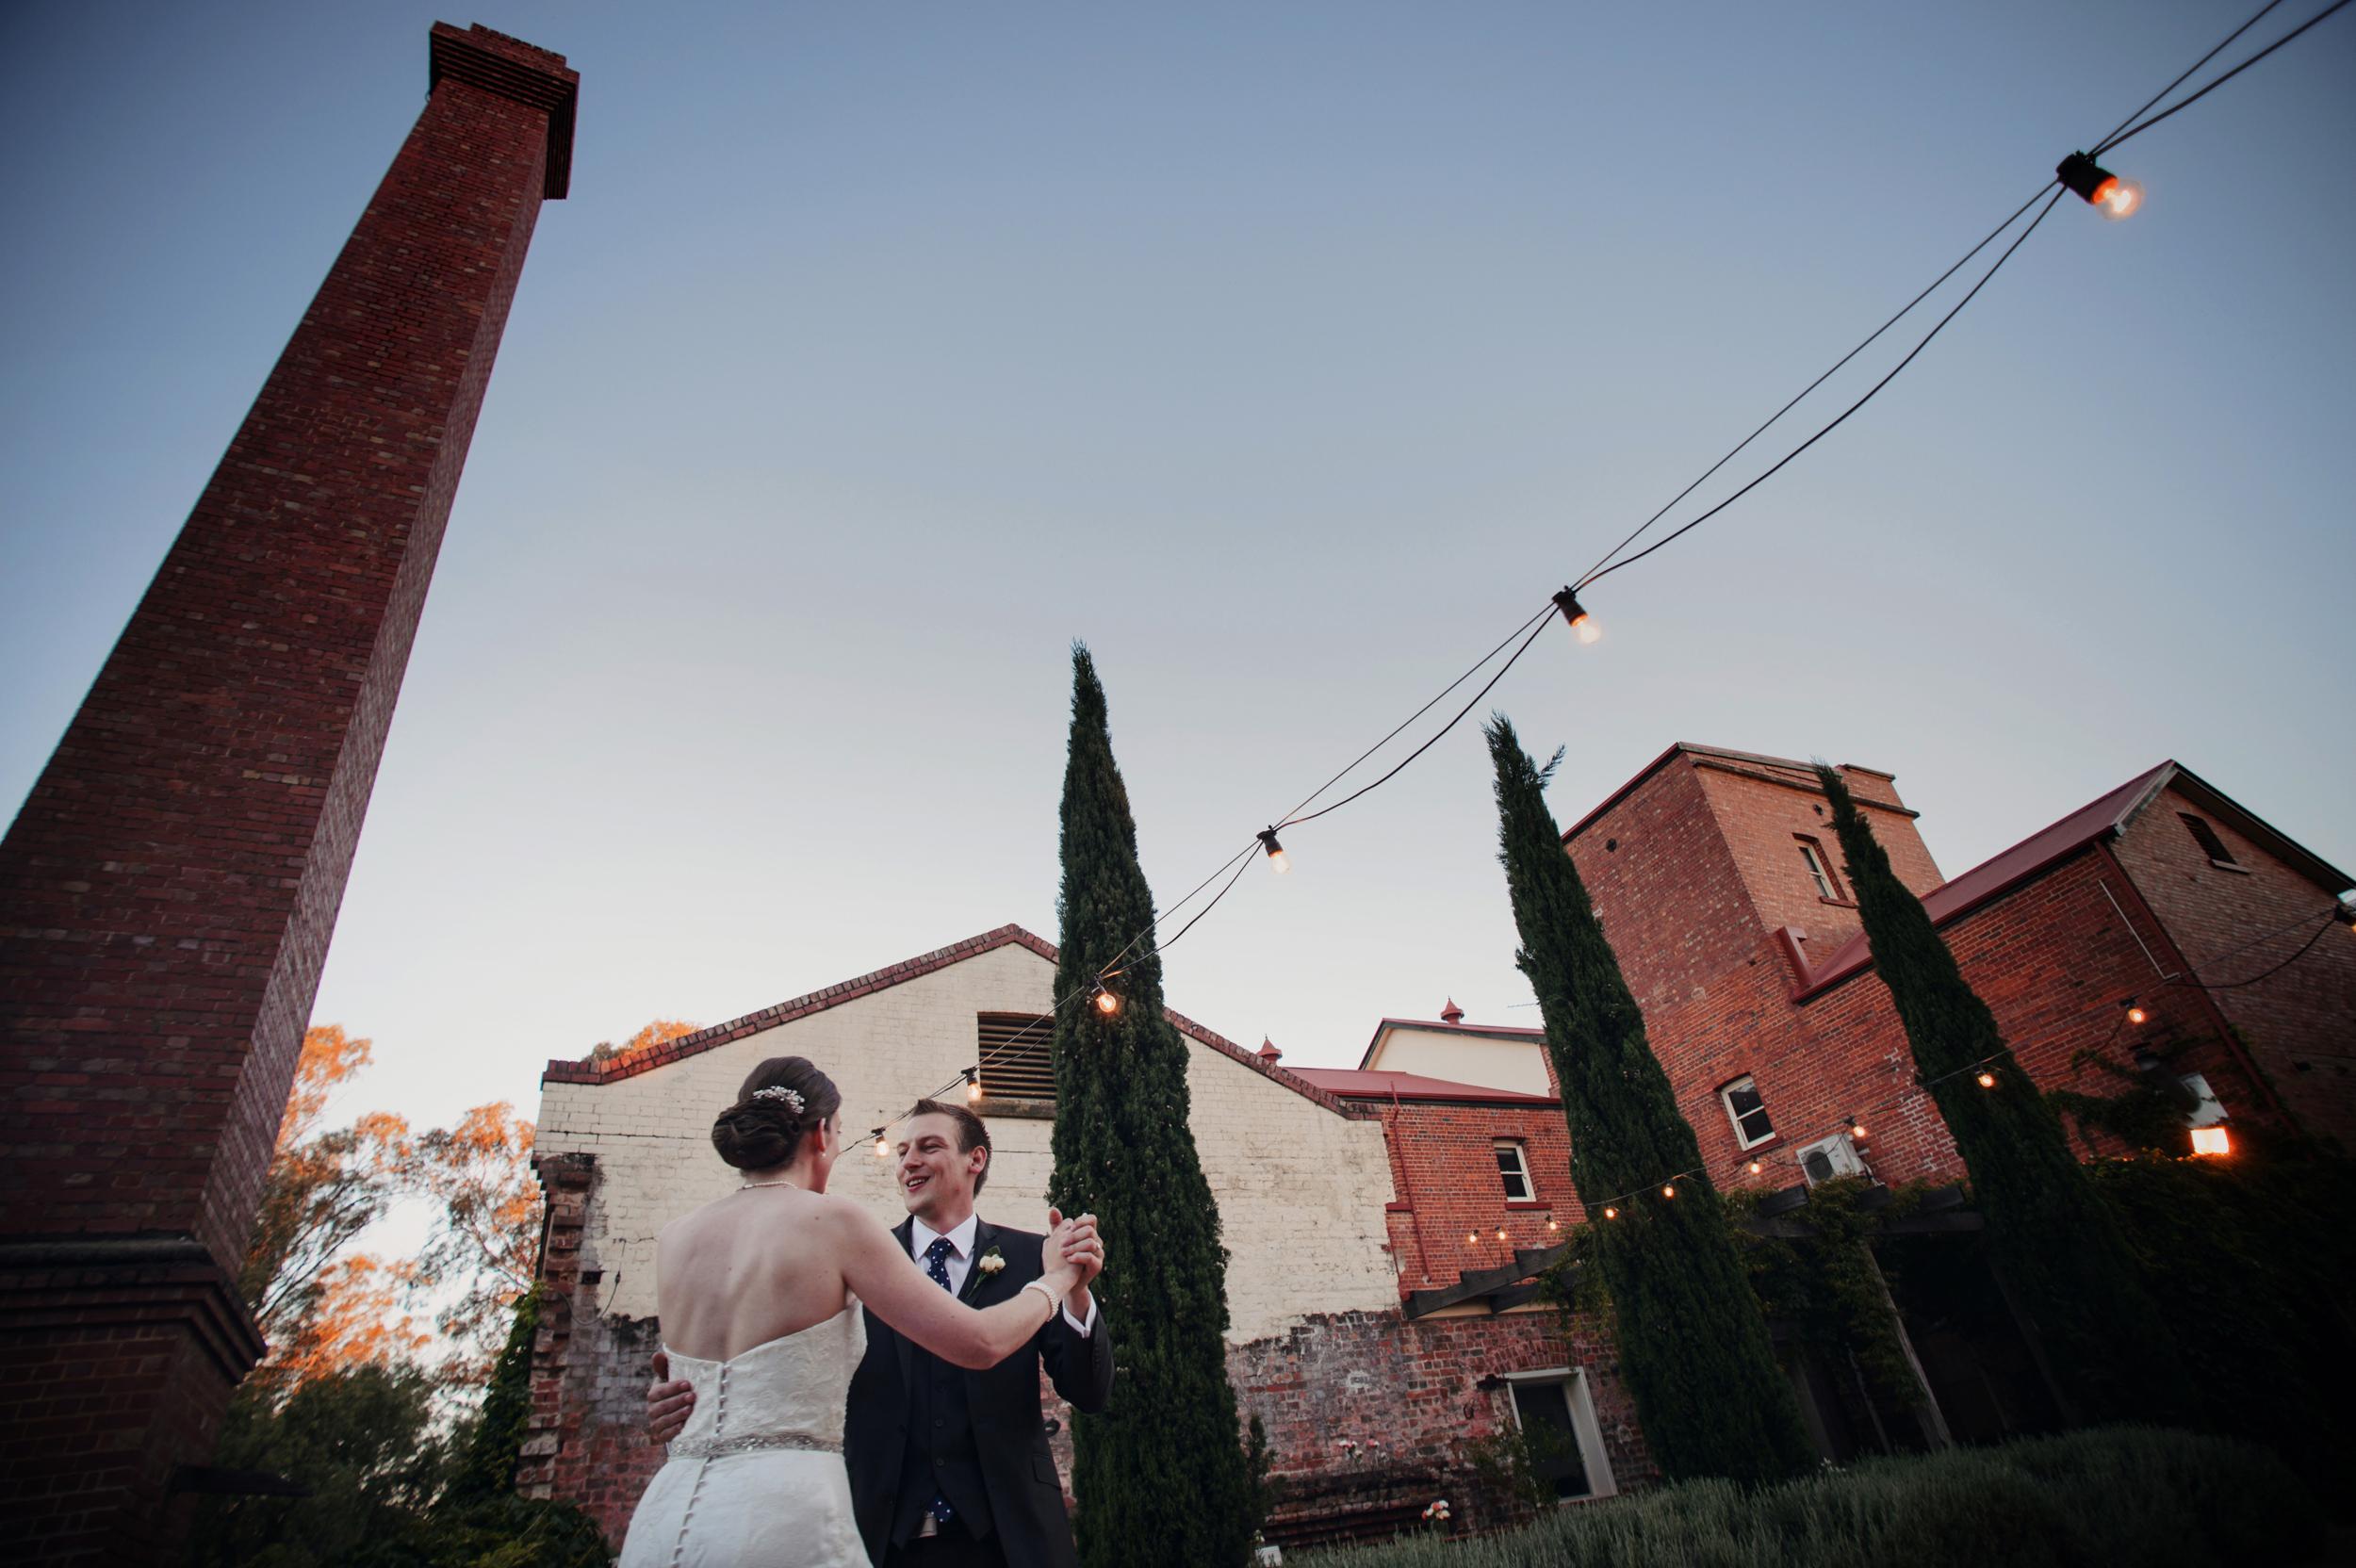 euroa_butter_factory_wedding_photography_41.jpg